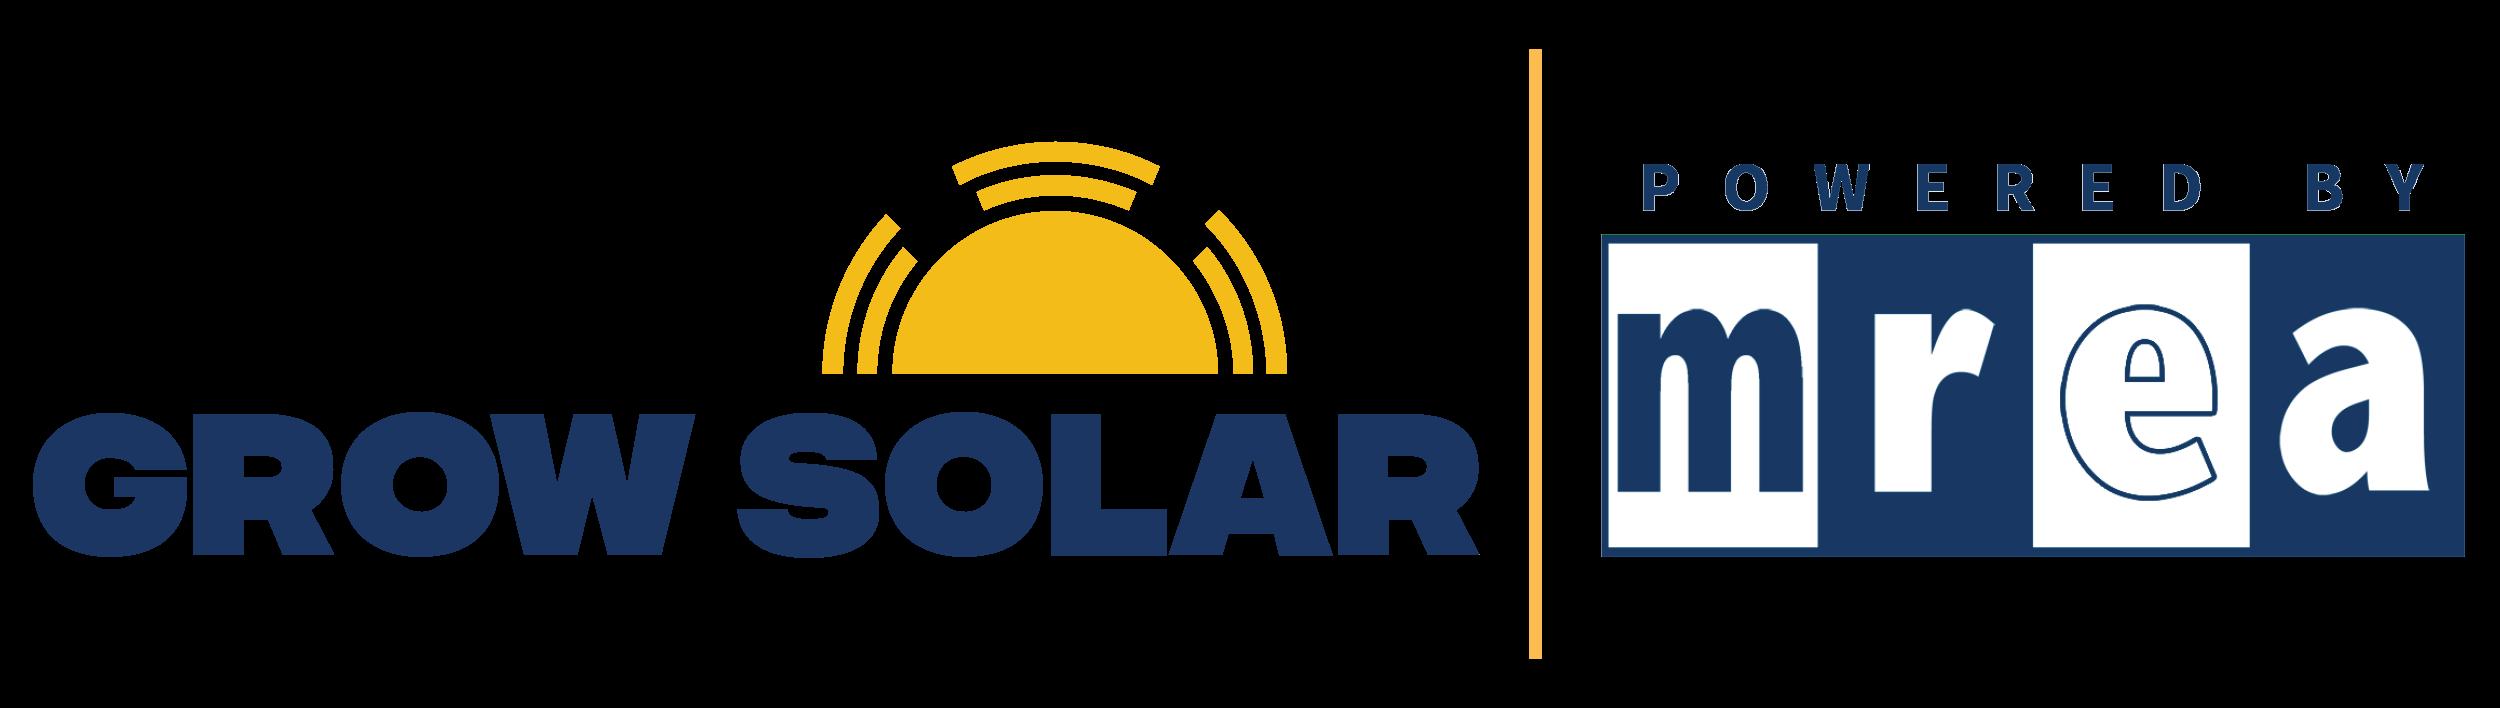 Grow Solar